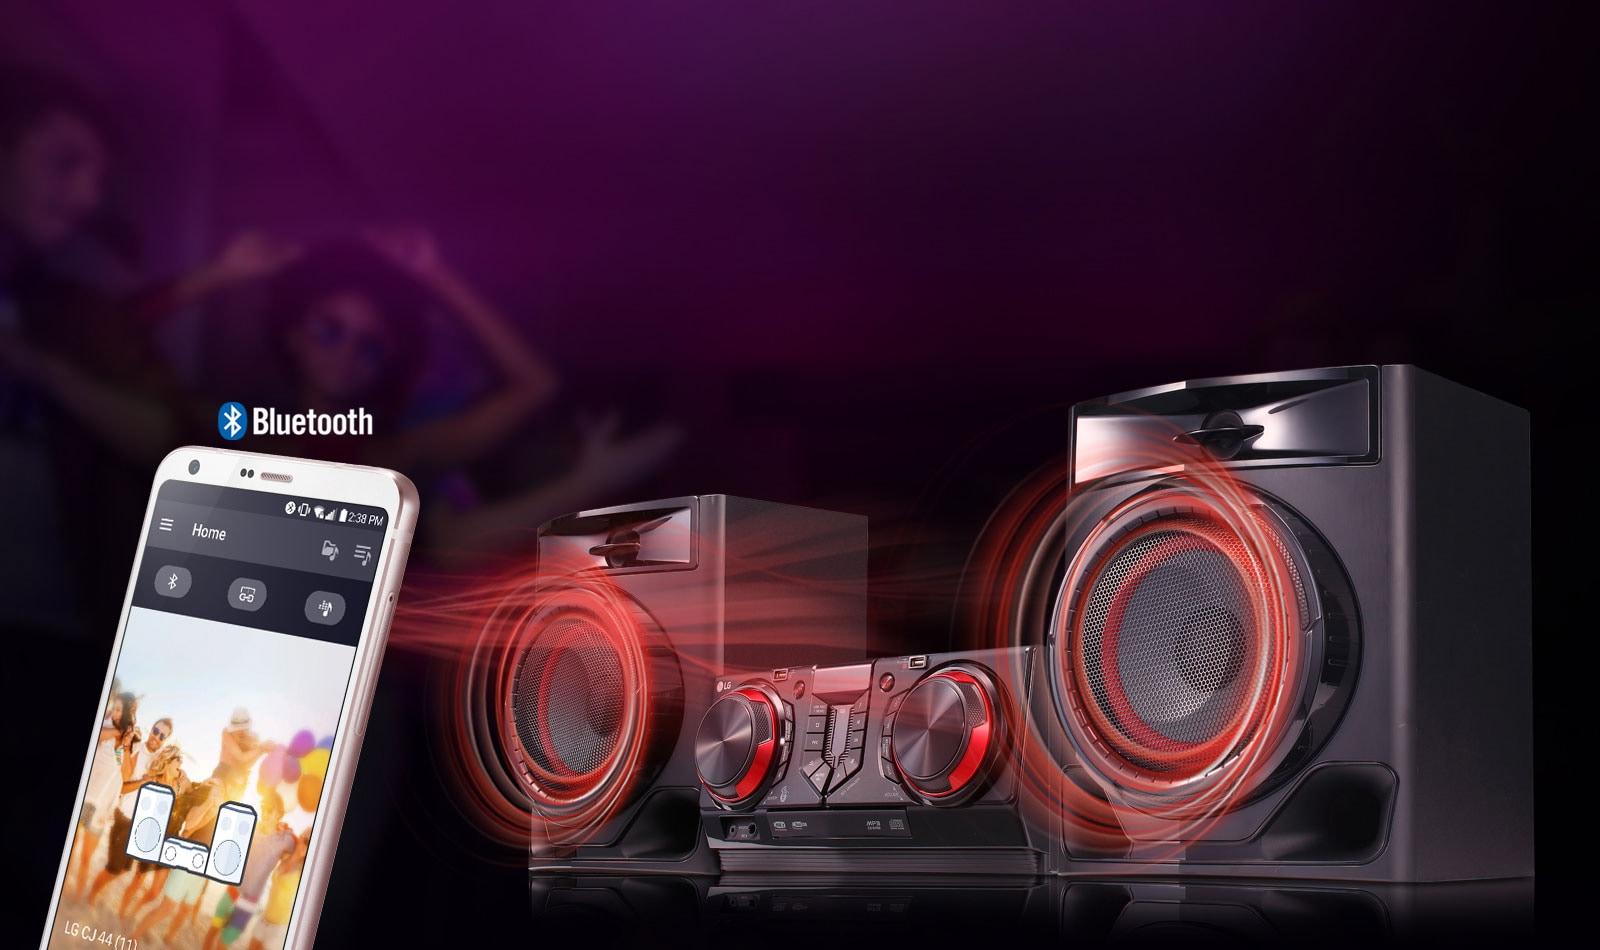 05_CJ44_LG-Bluetooth-App-D